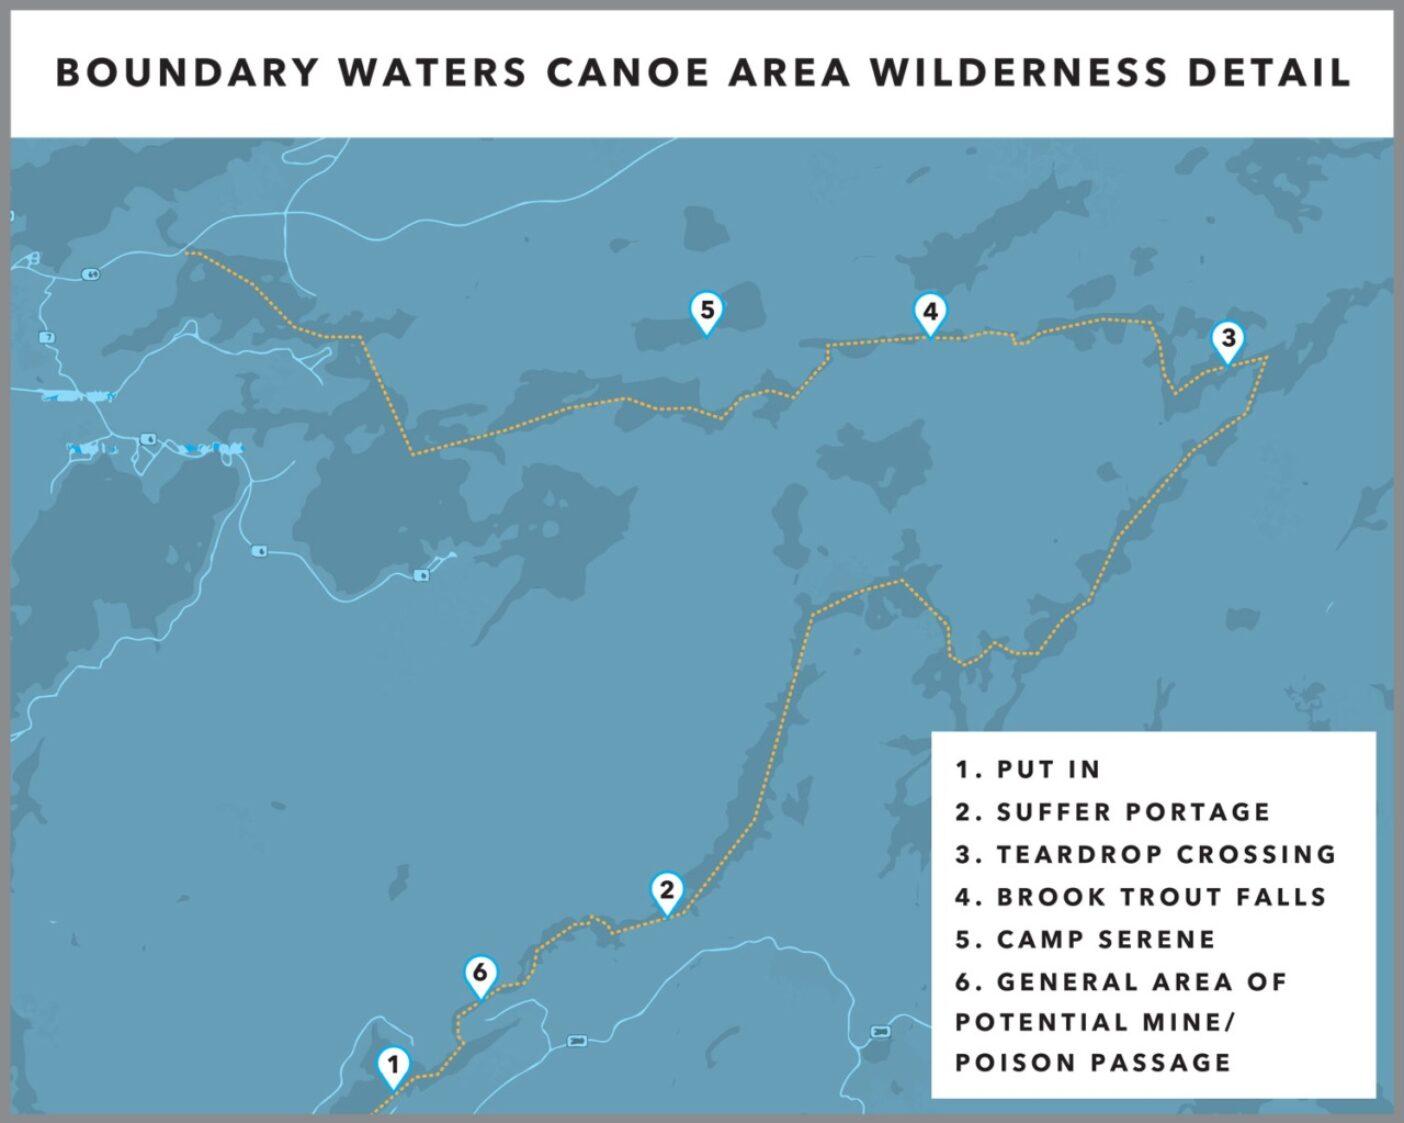 バウンダリー・ウォーターズ・カヌー・エリア・ウィルダネスはアメリカとカナダの国境に沿って240キロにわたって広がり、百万エーカー以上を包囲する。それは魚に夢中の著者が生涯探索してもしきれないほど大きな領域だ。ナサニエル・リバーホース・ナカダテはカヌーとフライロッドと日記以外はほとんど携帯せずに、地図上のいくつかの魔法の場所をなんとか経験することができた。